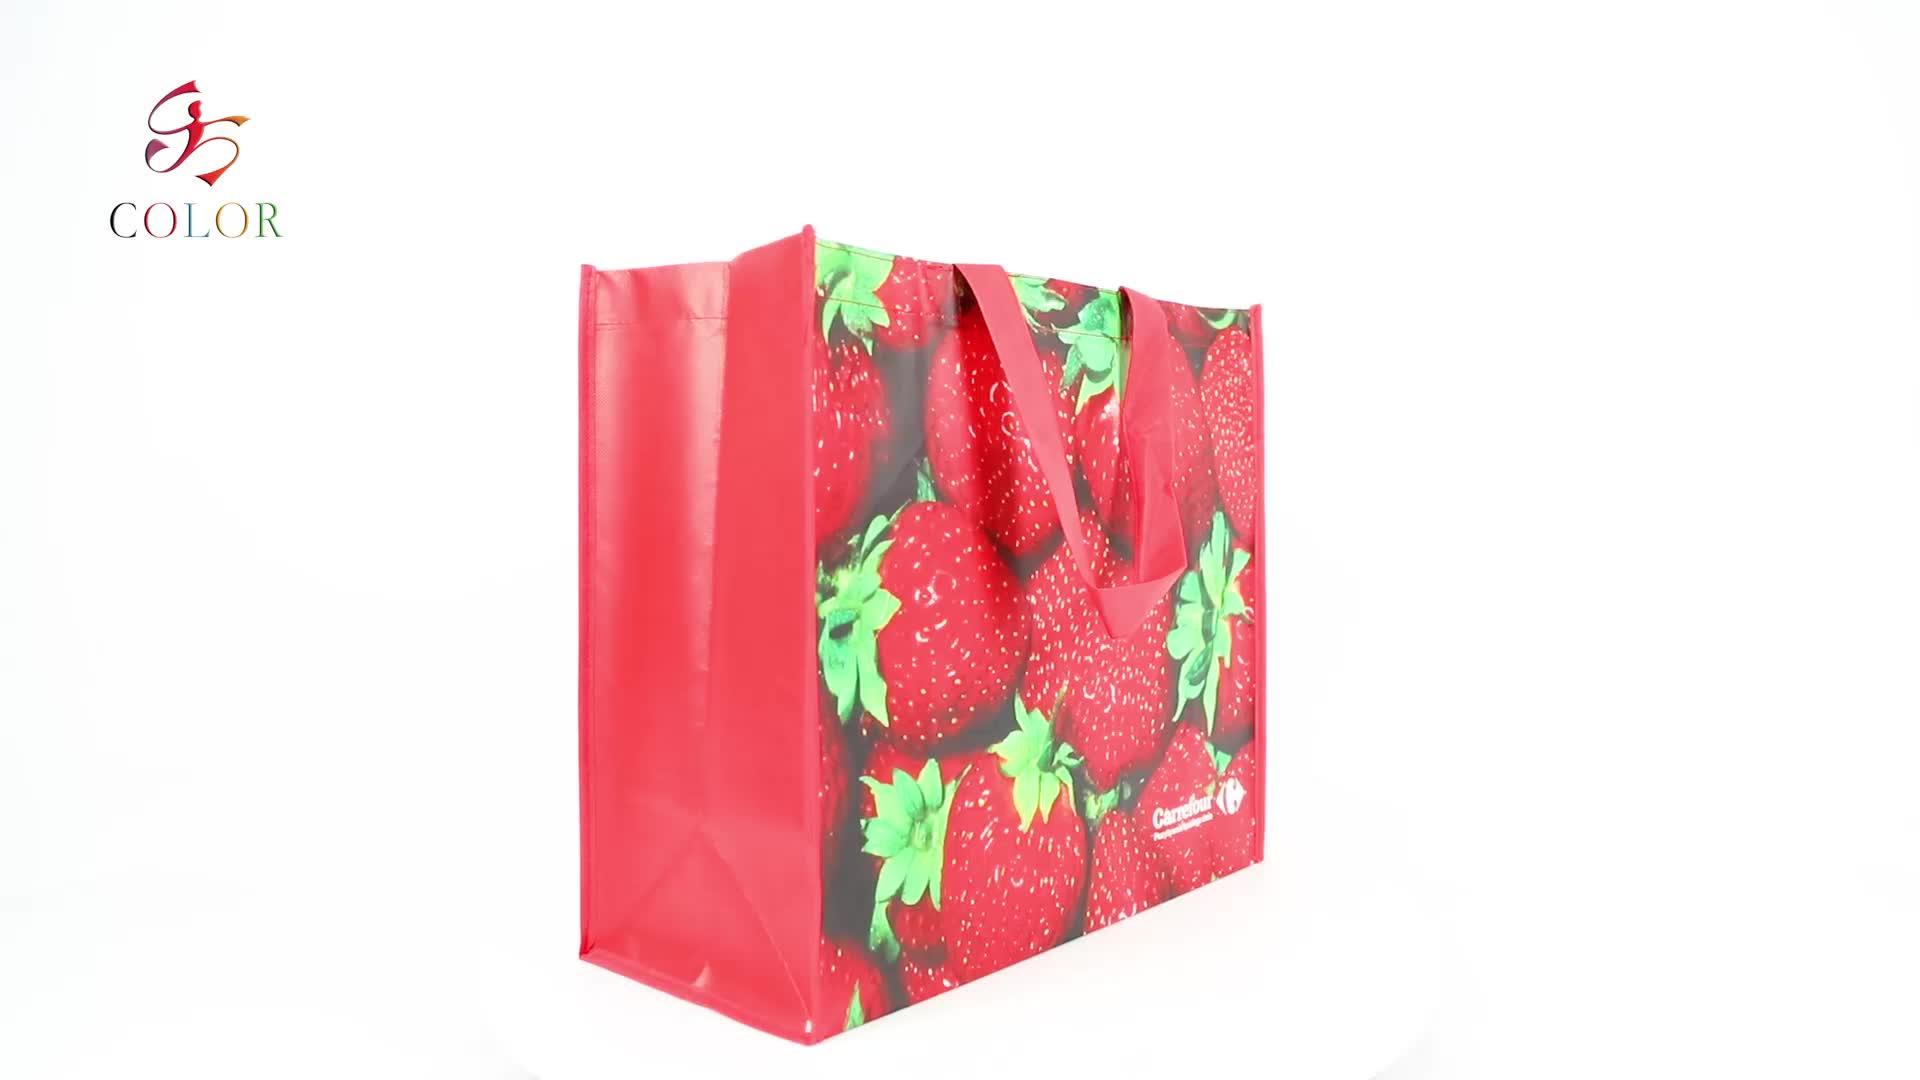 ラミネートpp不織布バッグ、 pp非- 不織布バッグ、 pp不織布の袋